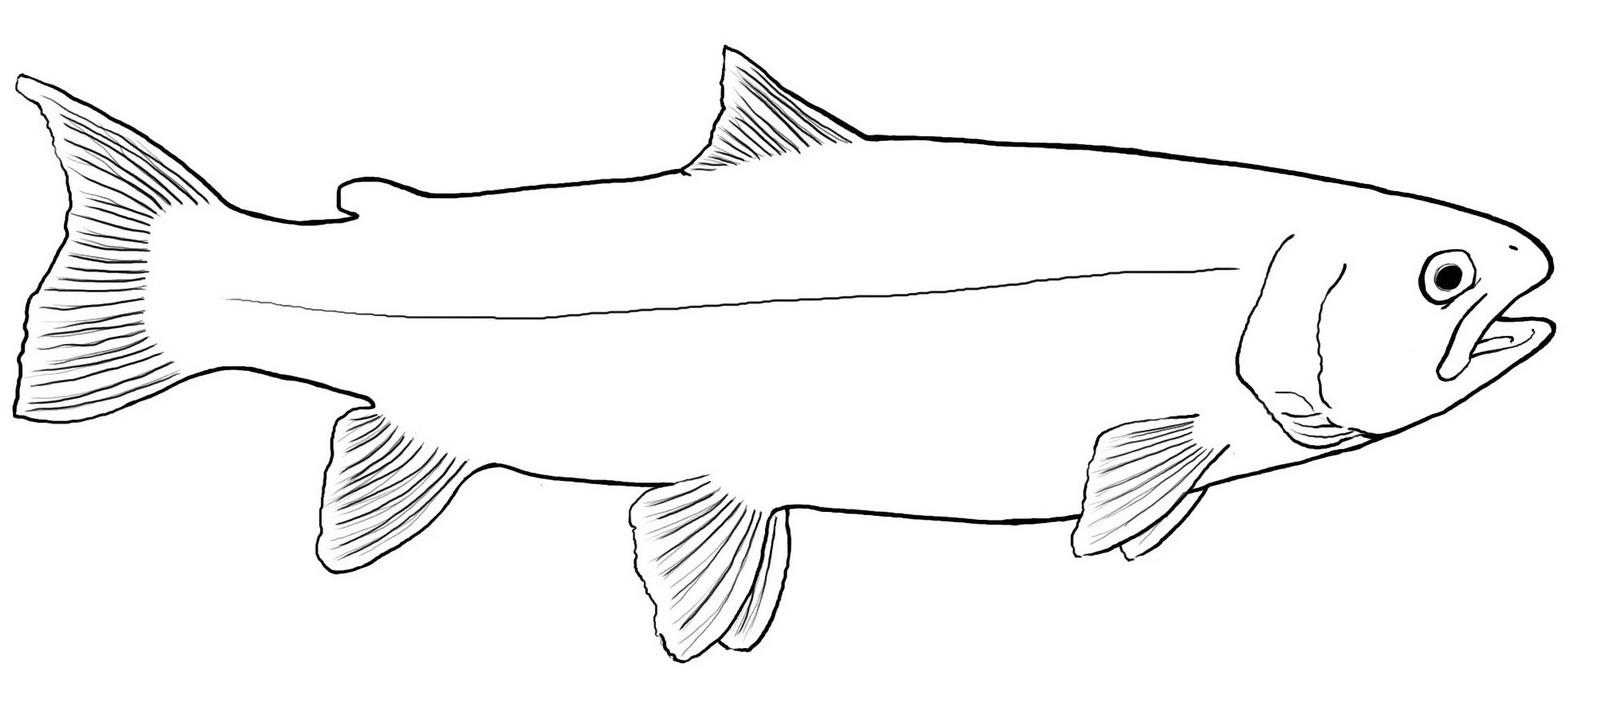 marvelous trout coloring page design